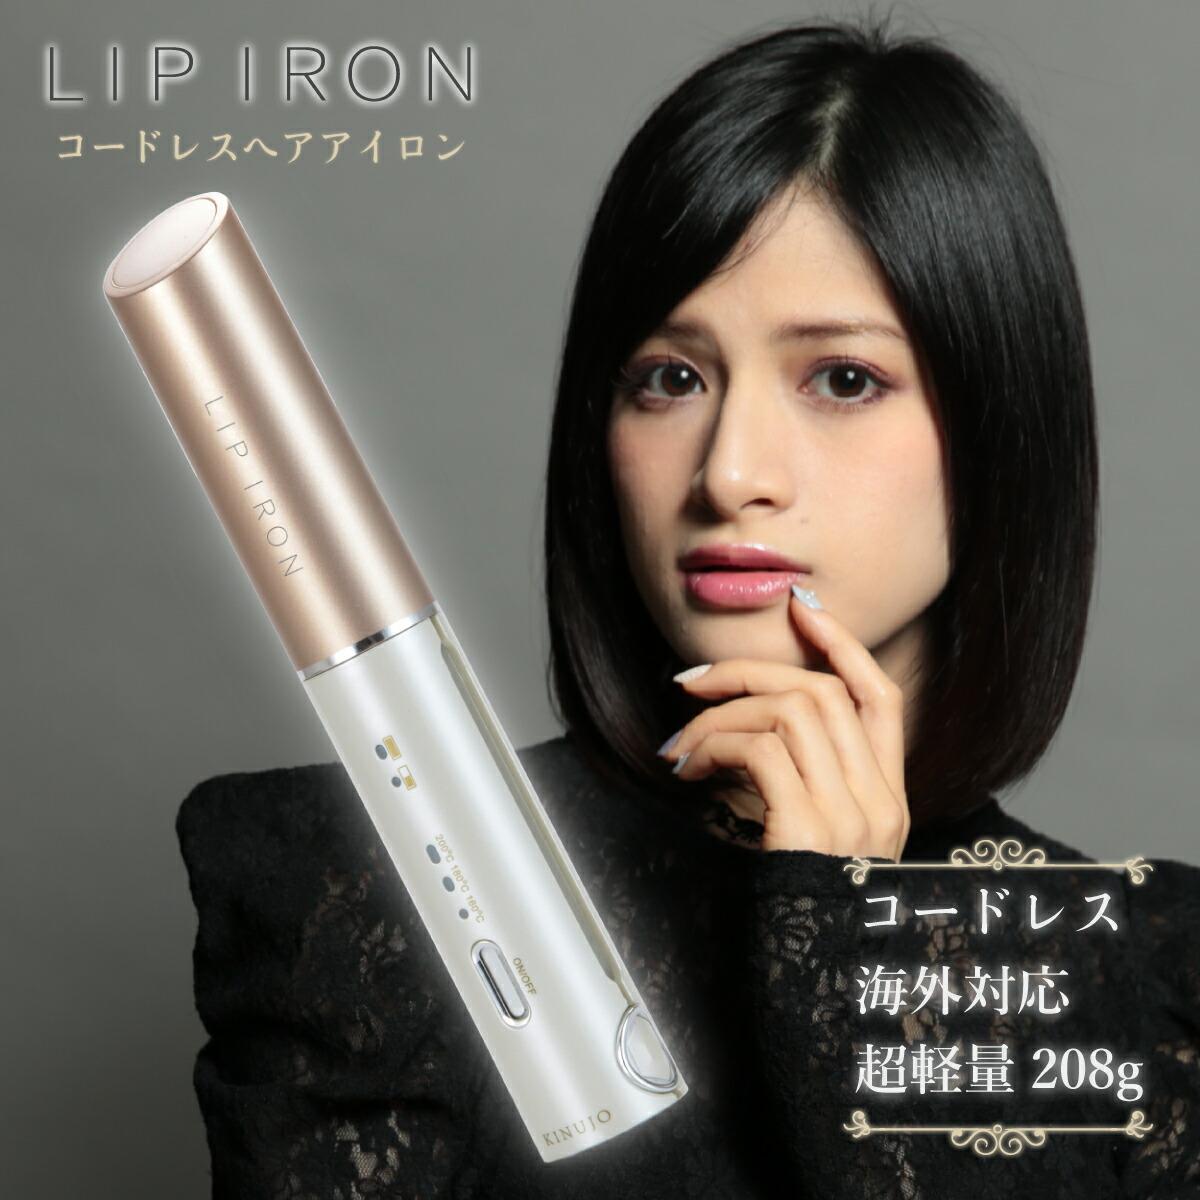 【公式】LIP IRON リップアイロン コードレス ヘアアイロン ヘアーアイロン USB 充電式 海外 対応 兼用 ストレート アイロン キャップケース付 送料無料